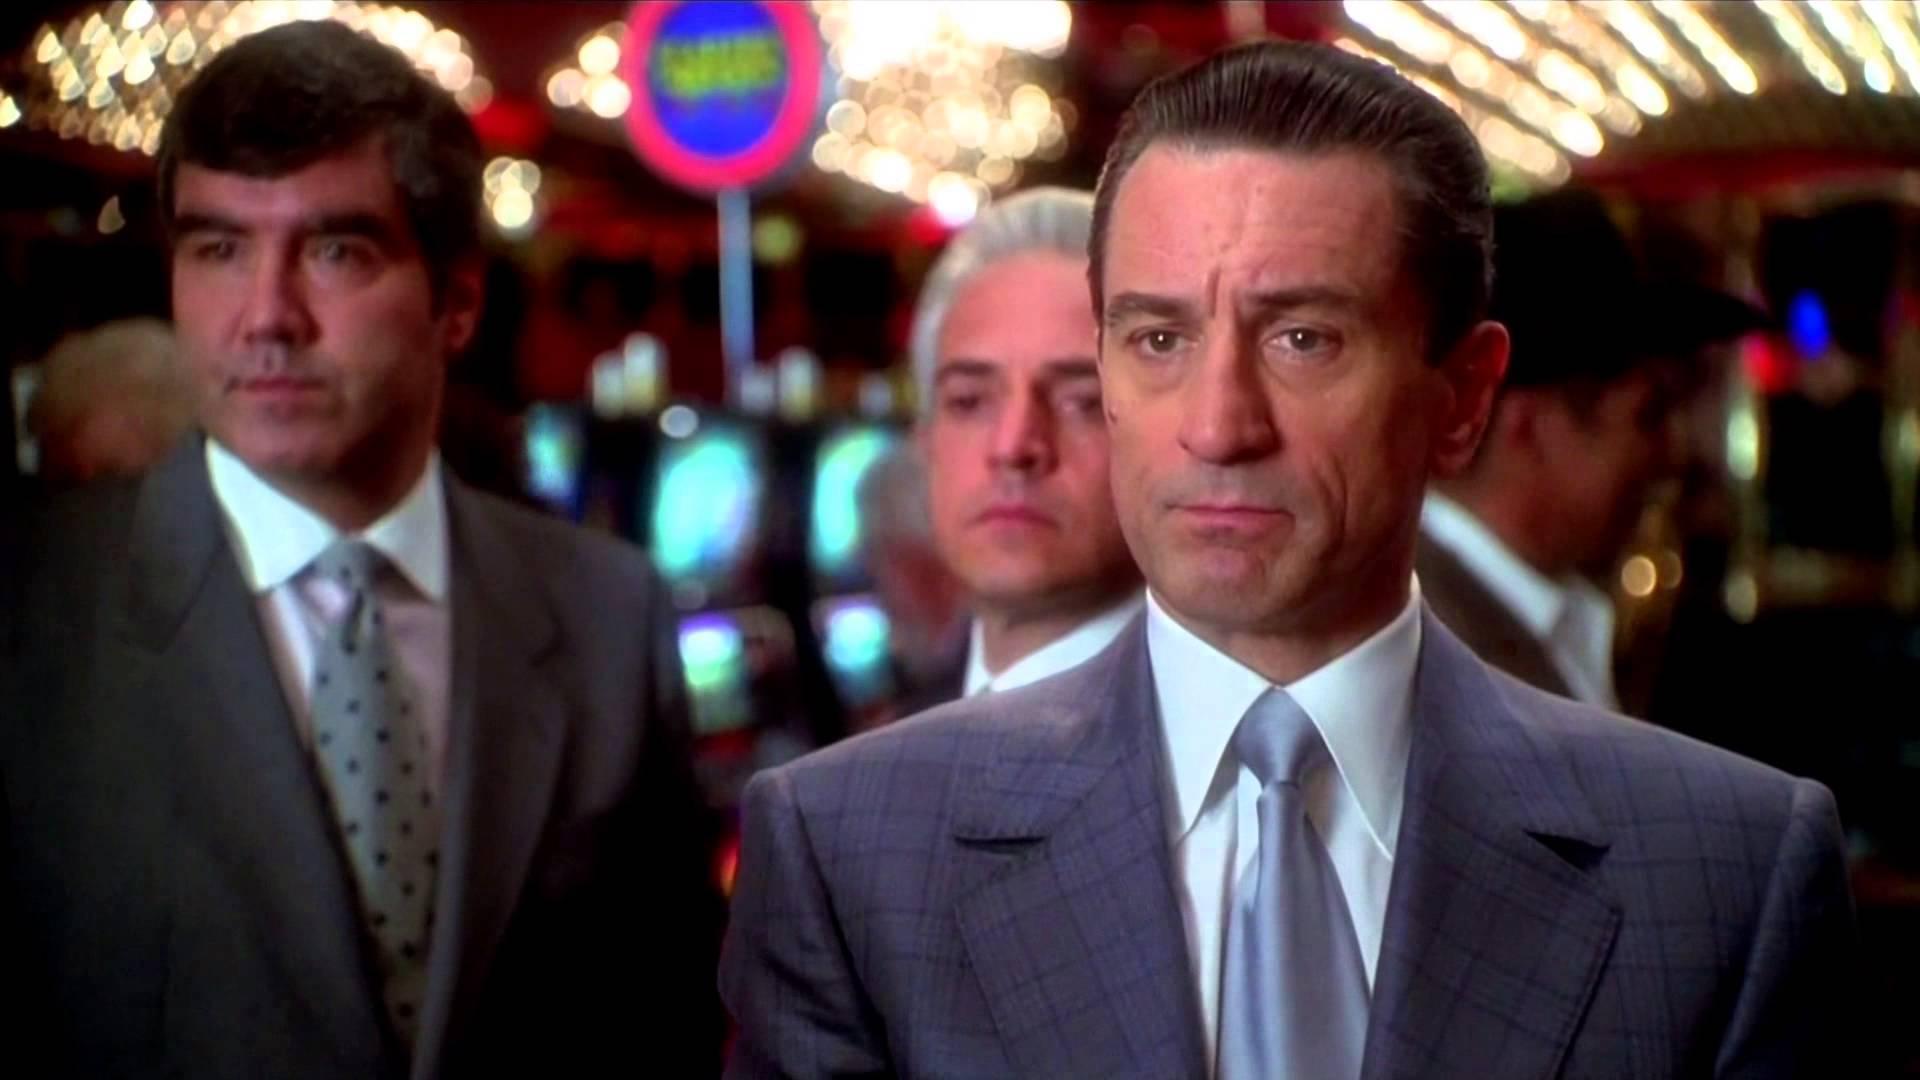 Казино casino 1995 смотреть онлайн 720 казино игра покер